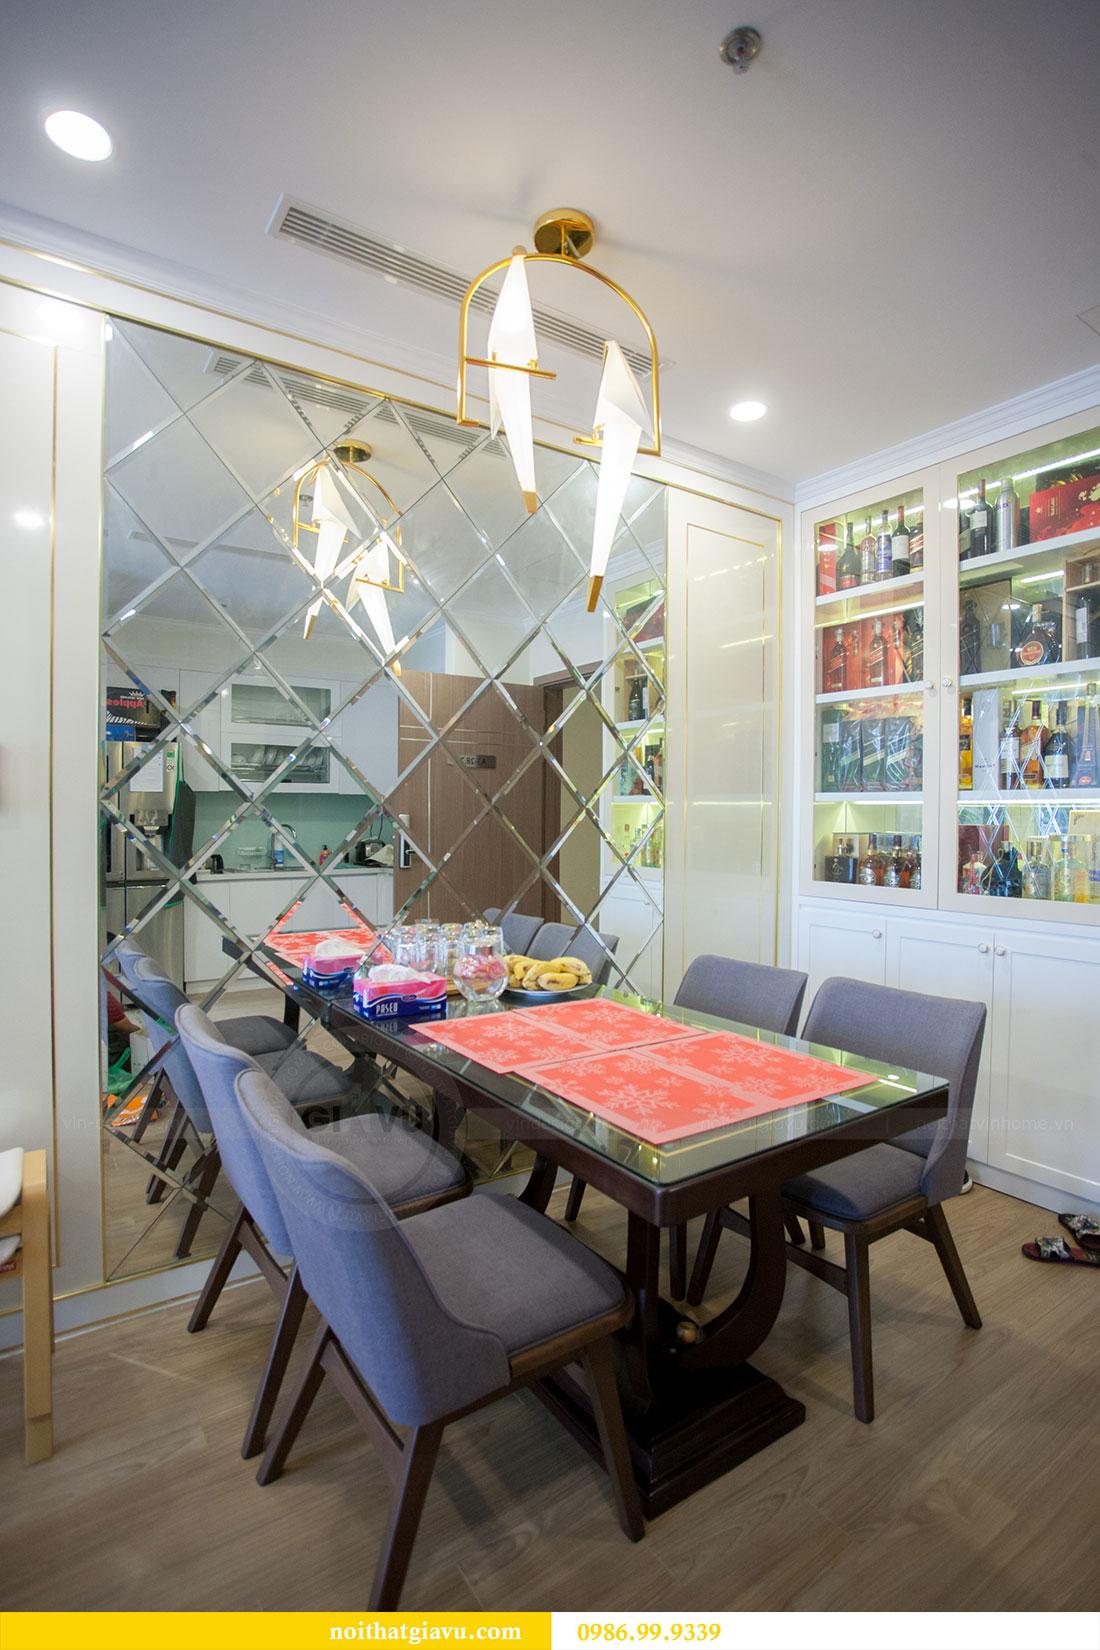 Thi công hoàn thiện nội thất chung cư Gardenia căn 21 tòa A3 3